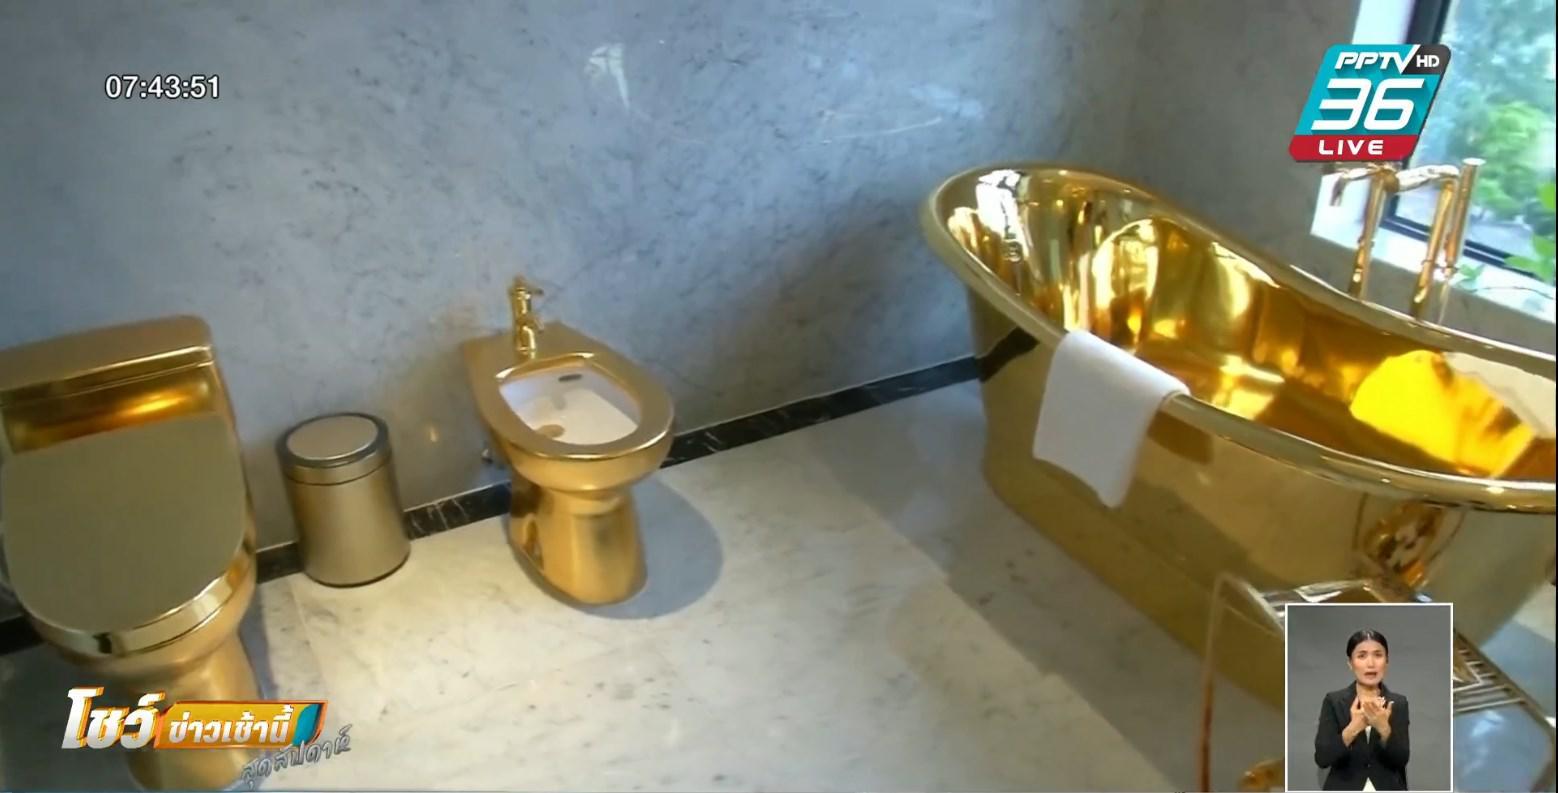 สุดหรู โรงแรมในเวียดนาม ตกแต่งด้วยทองคำ หวังดึงดูดลูกค้า